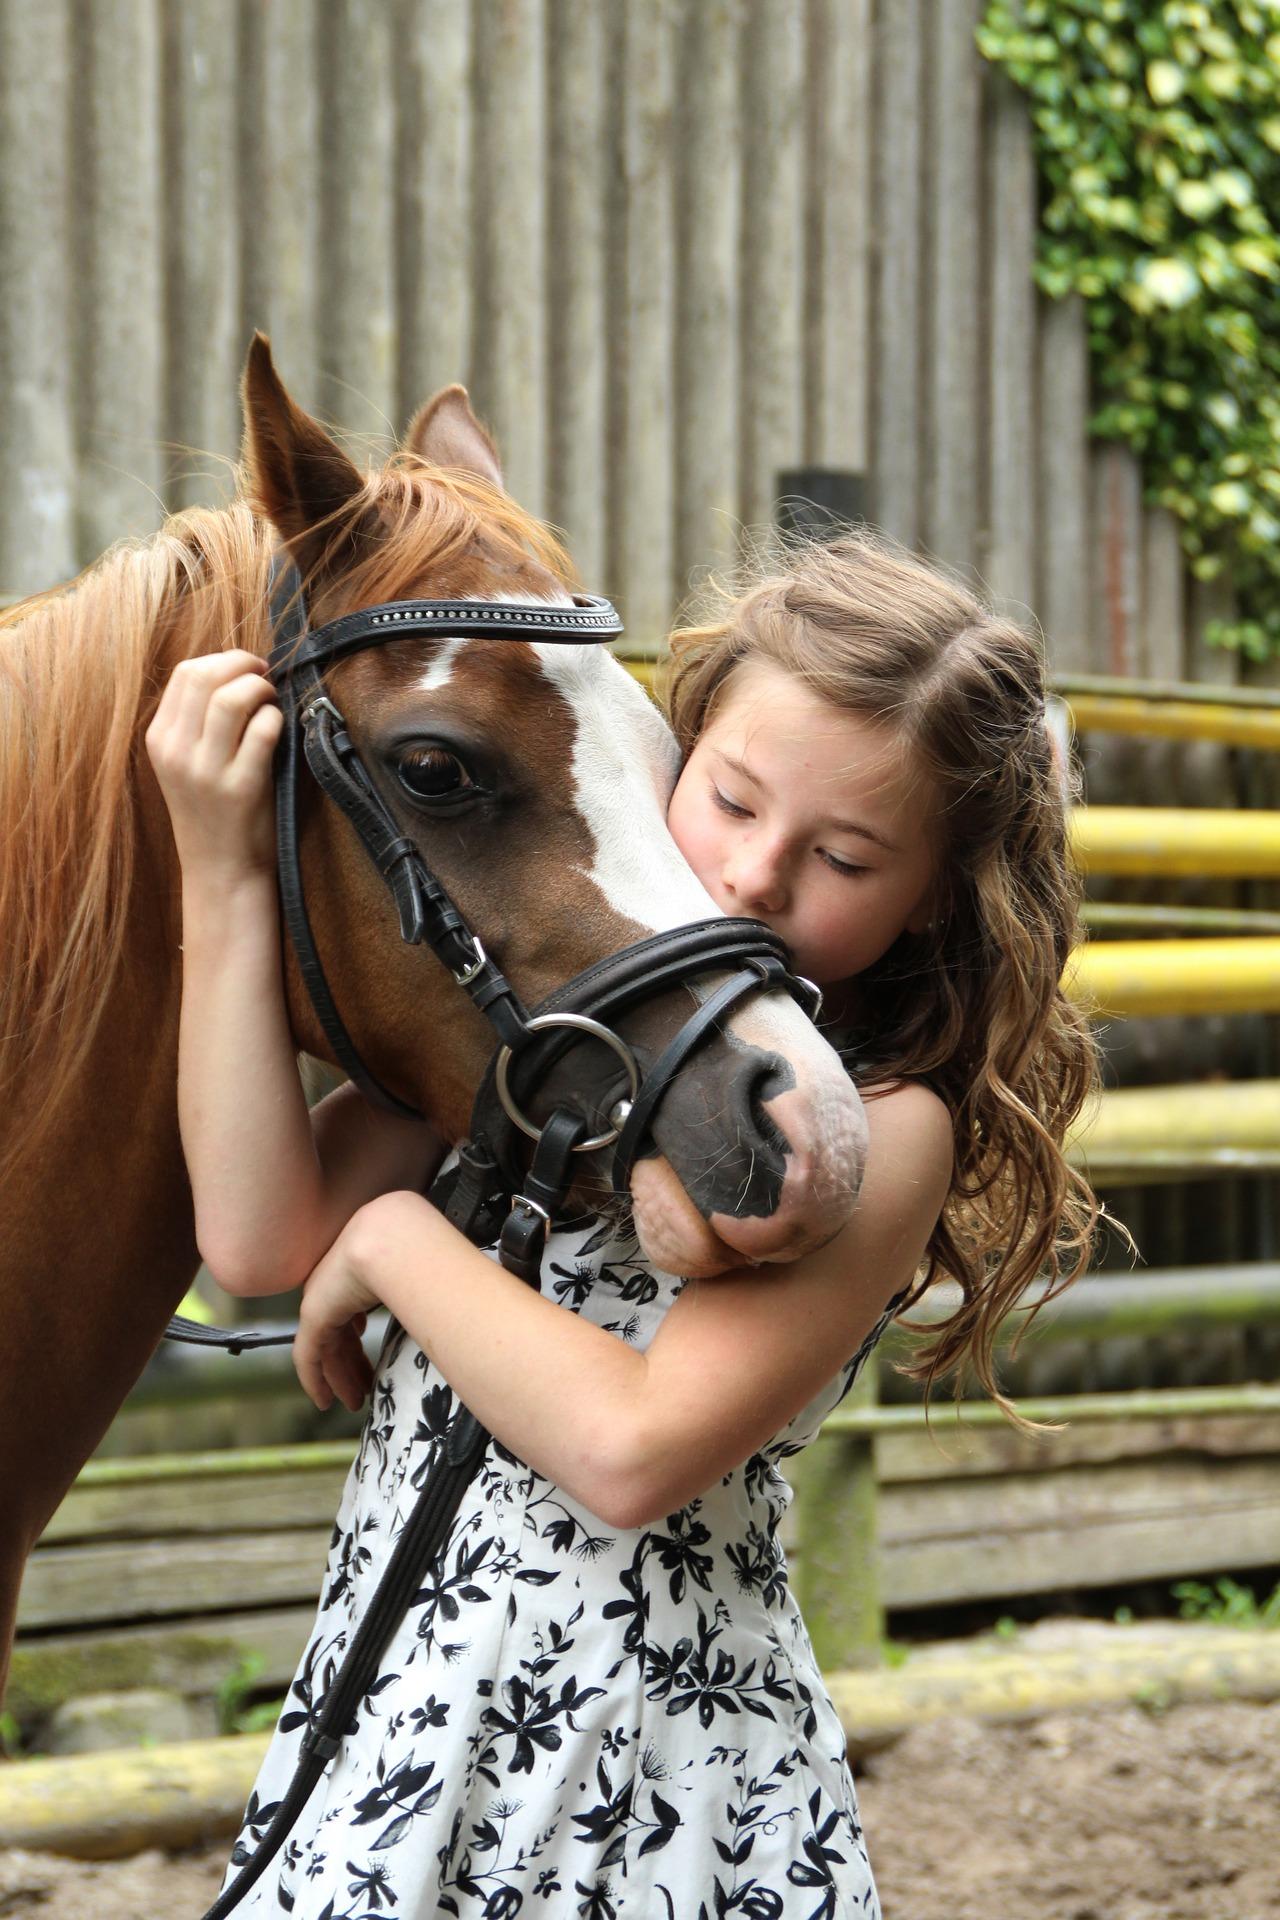 Est-ce-que votre poney est totalement sécuritaire pour un enfant ?